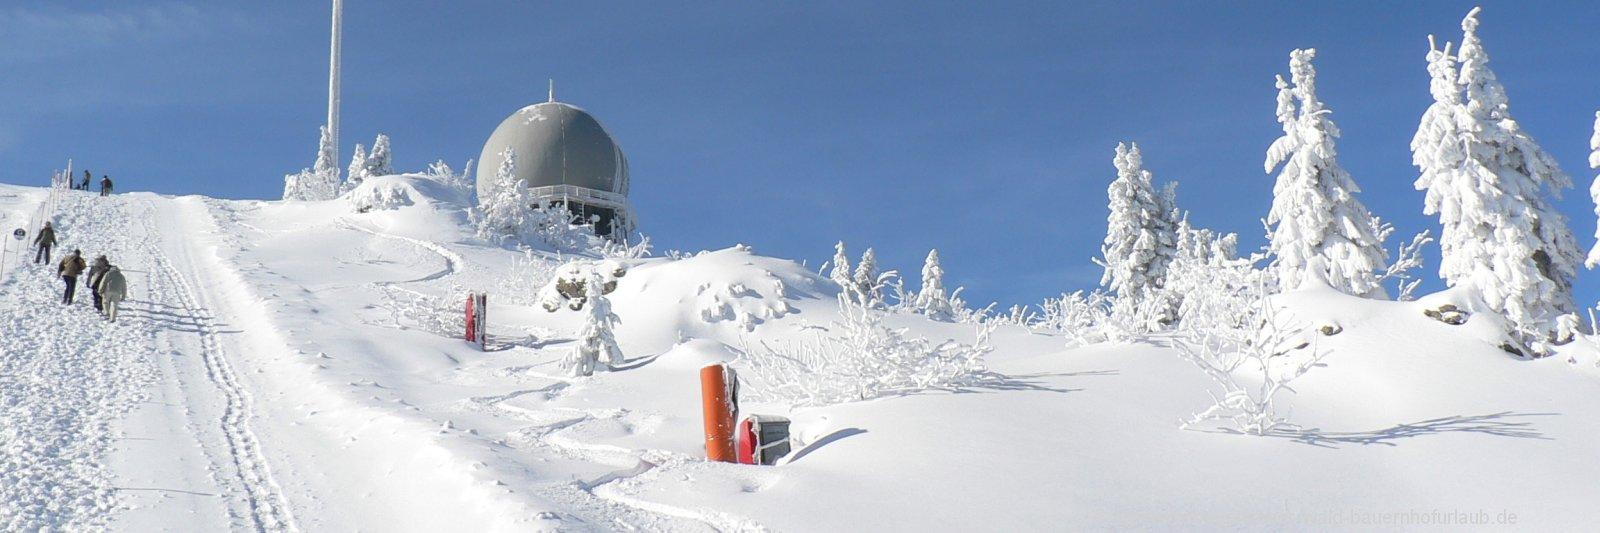 winterurlaub-bayerischer-wald-skifahren-arber-skigebiet